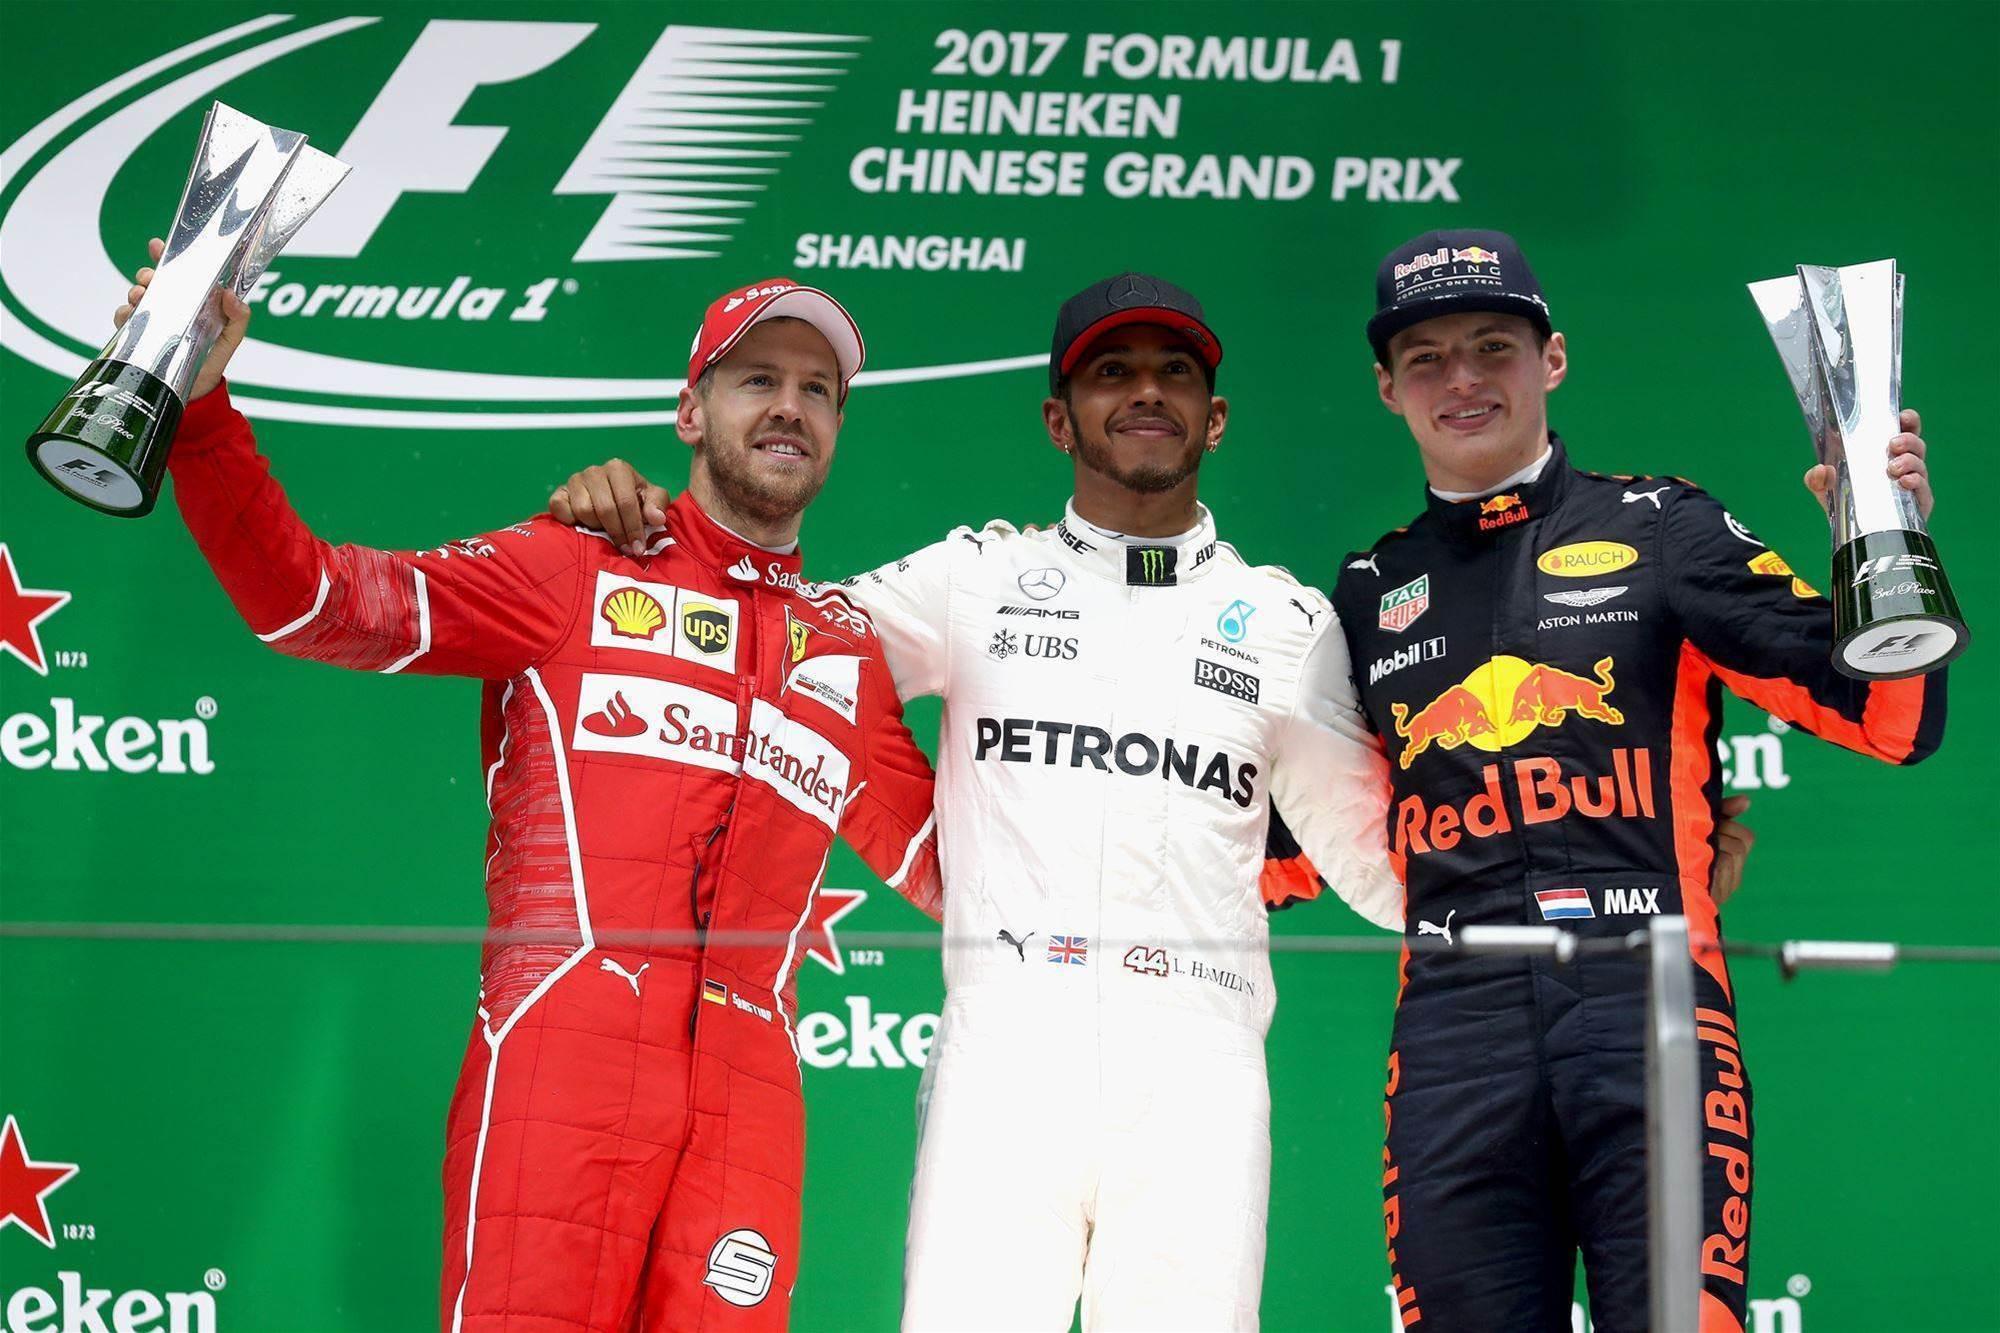 Hamilton hits back in China